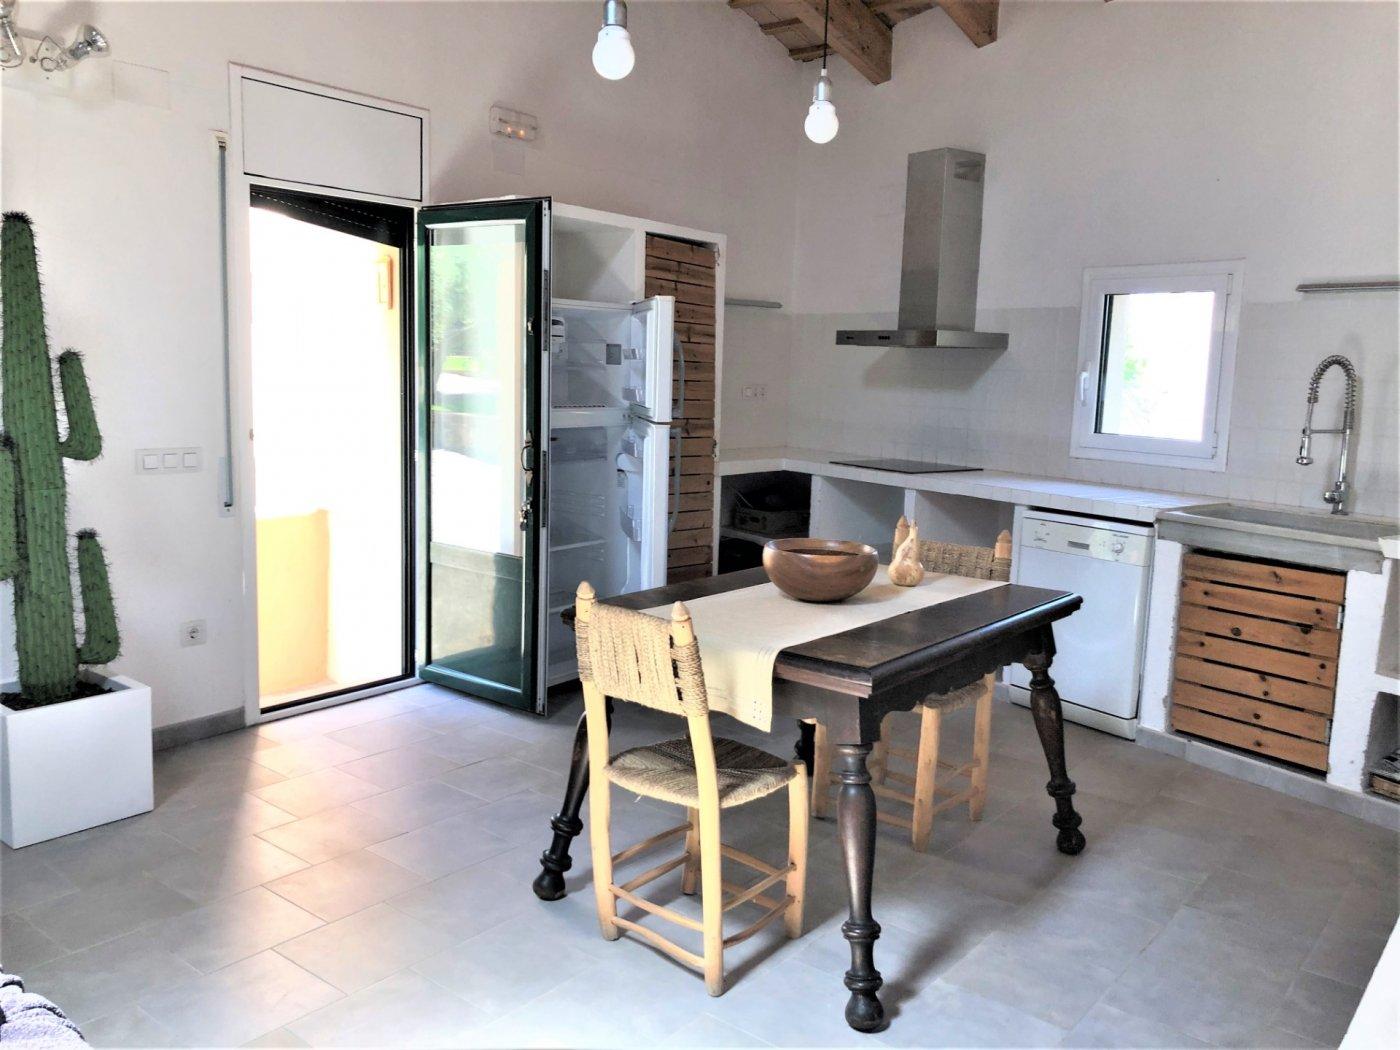 Casa en venta en montblanc - imagenInmueble33